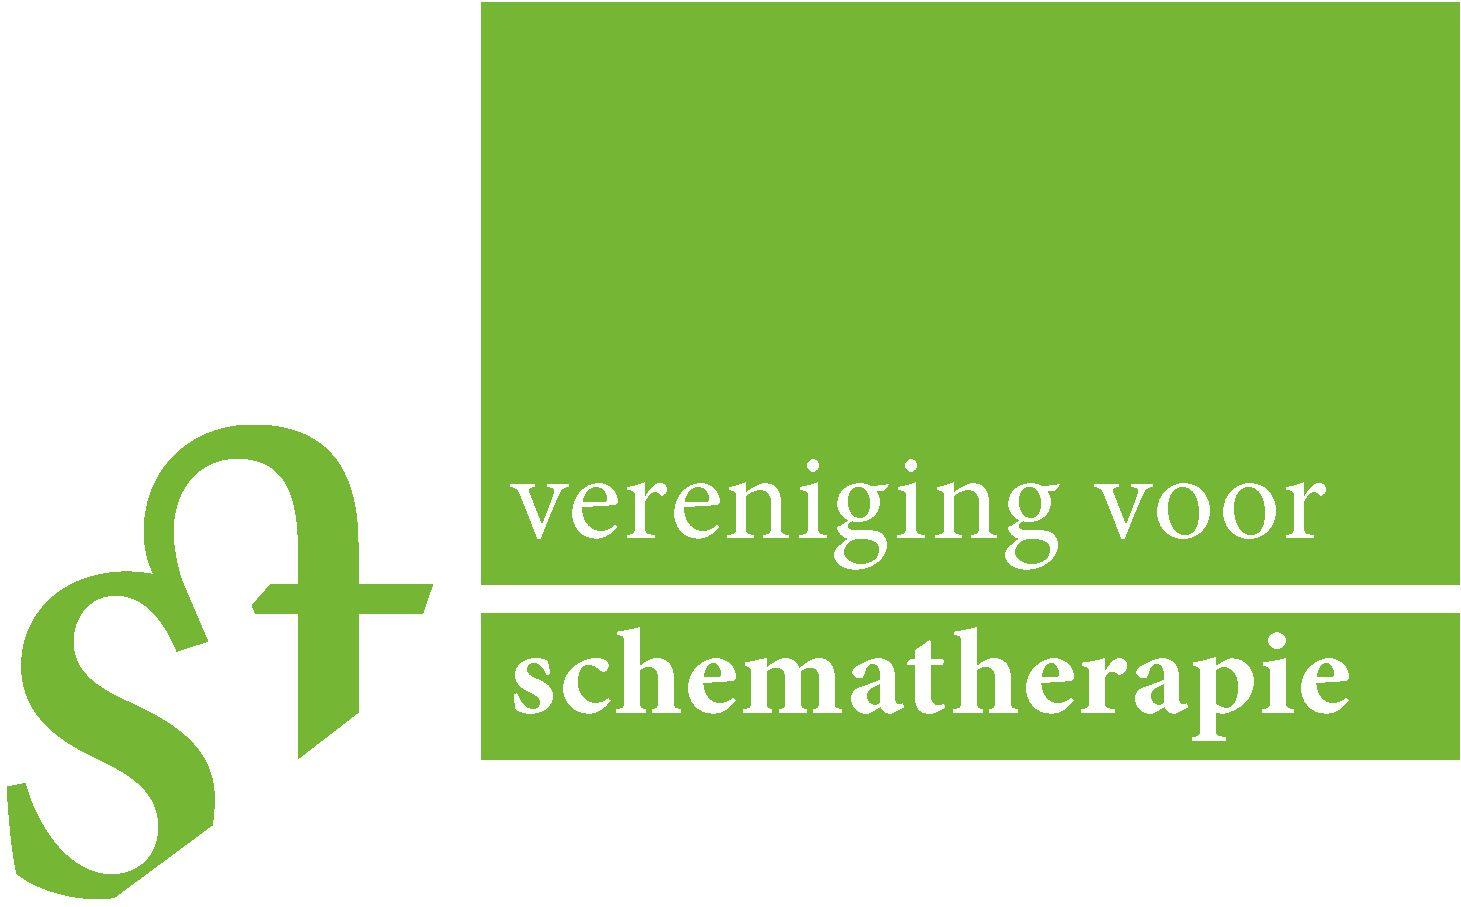 Schematherapie ALV en workshop 2019